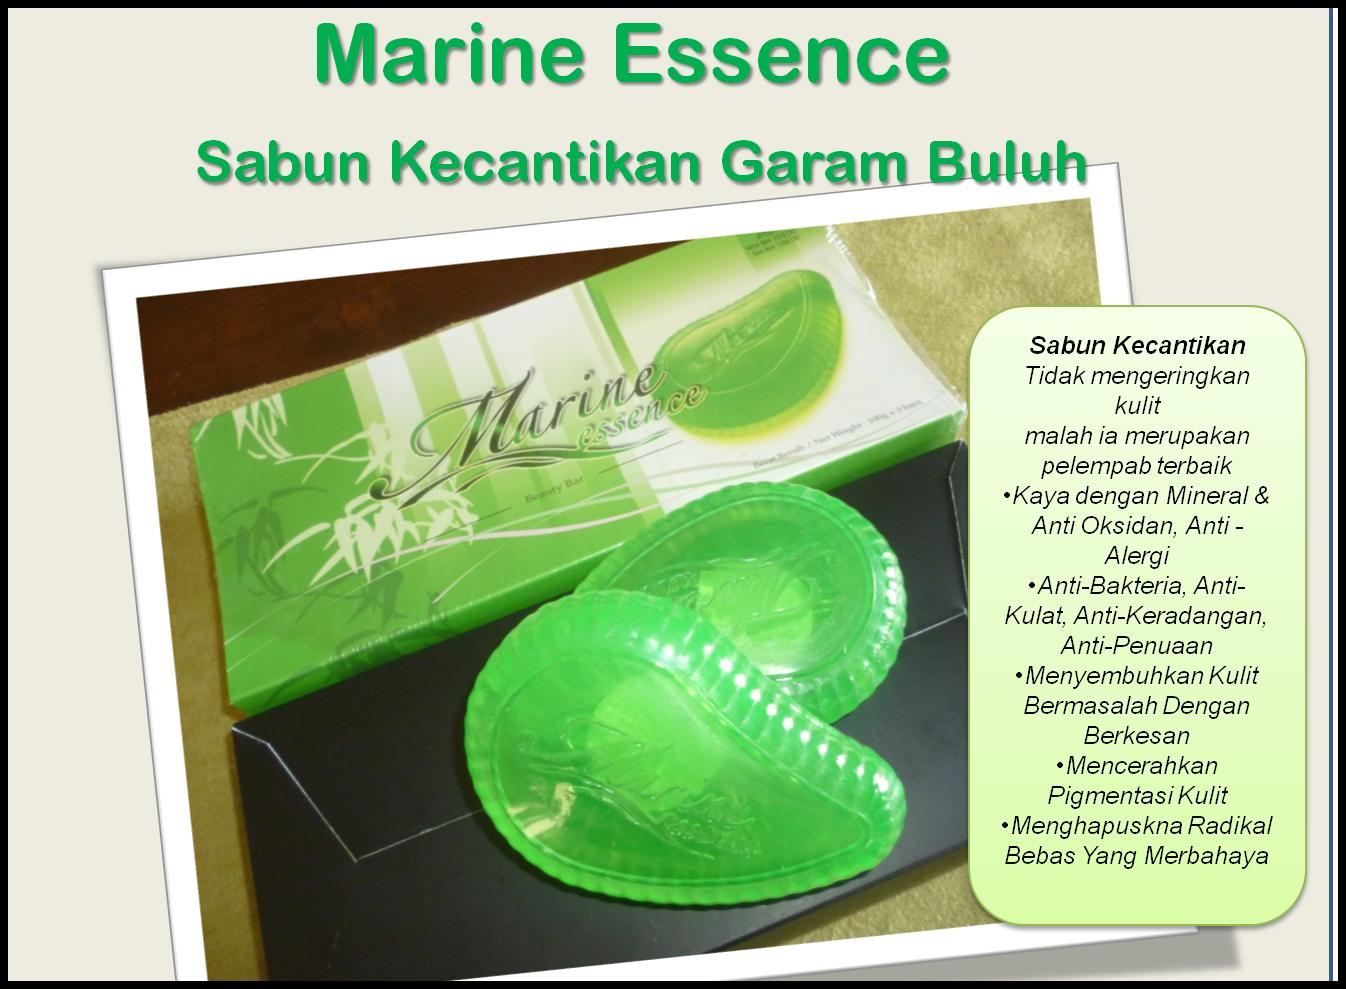 SABUN MARINE ESSENCE (SABUN KETIAK)